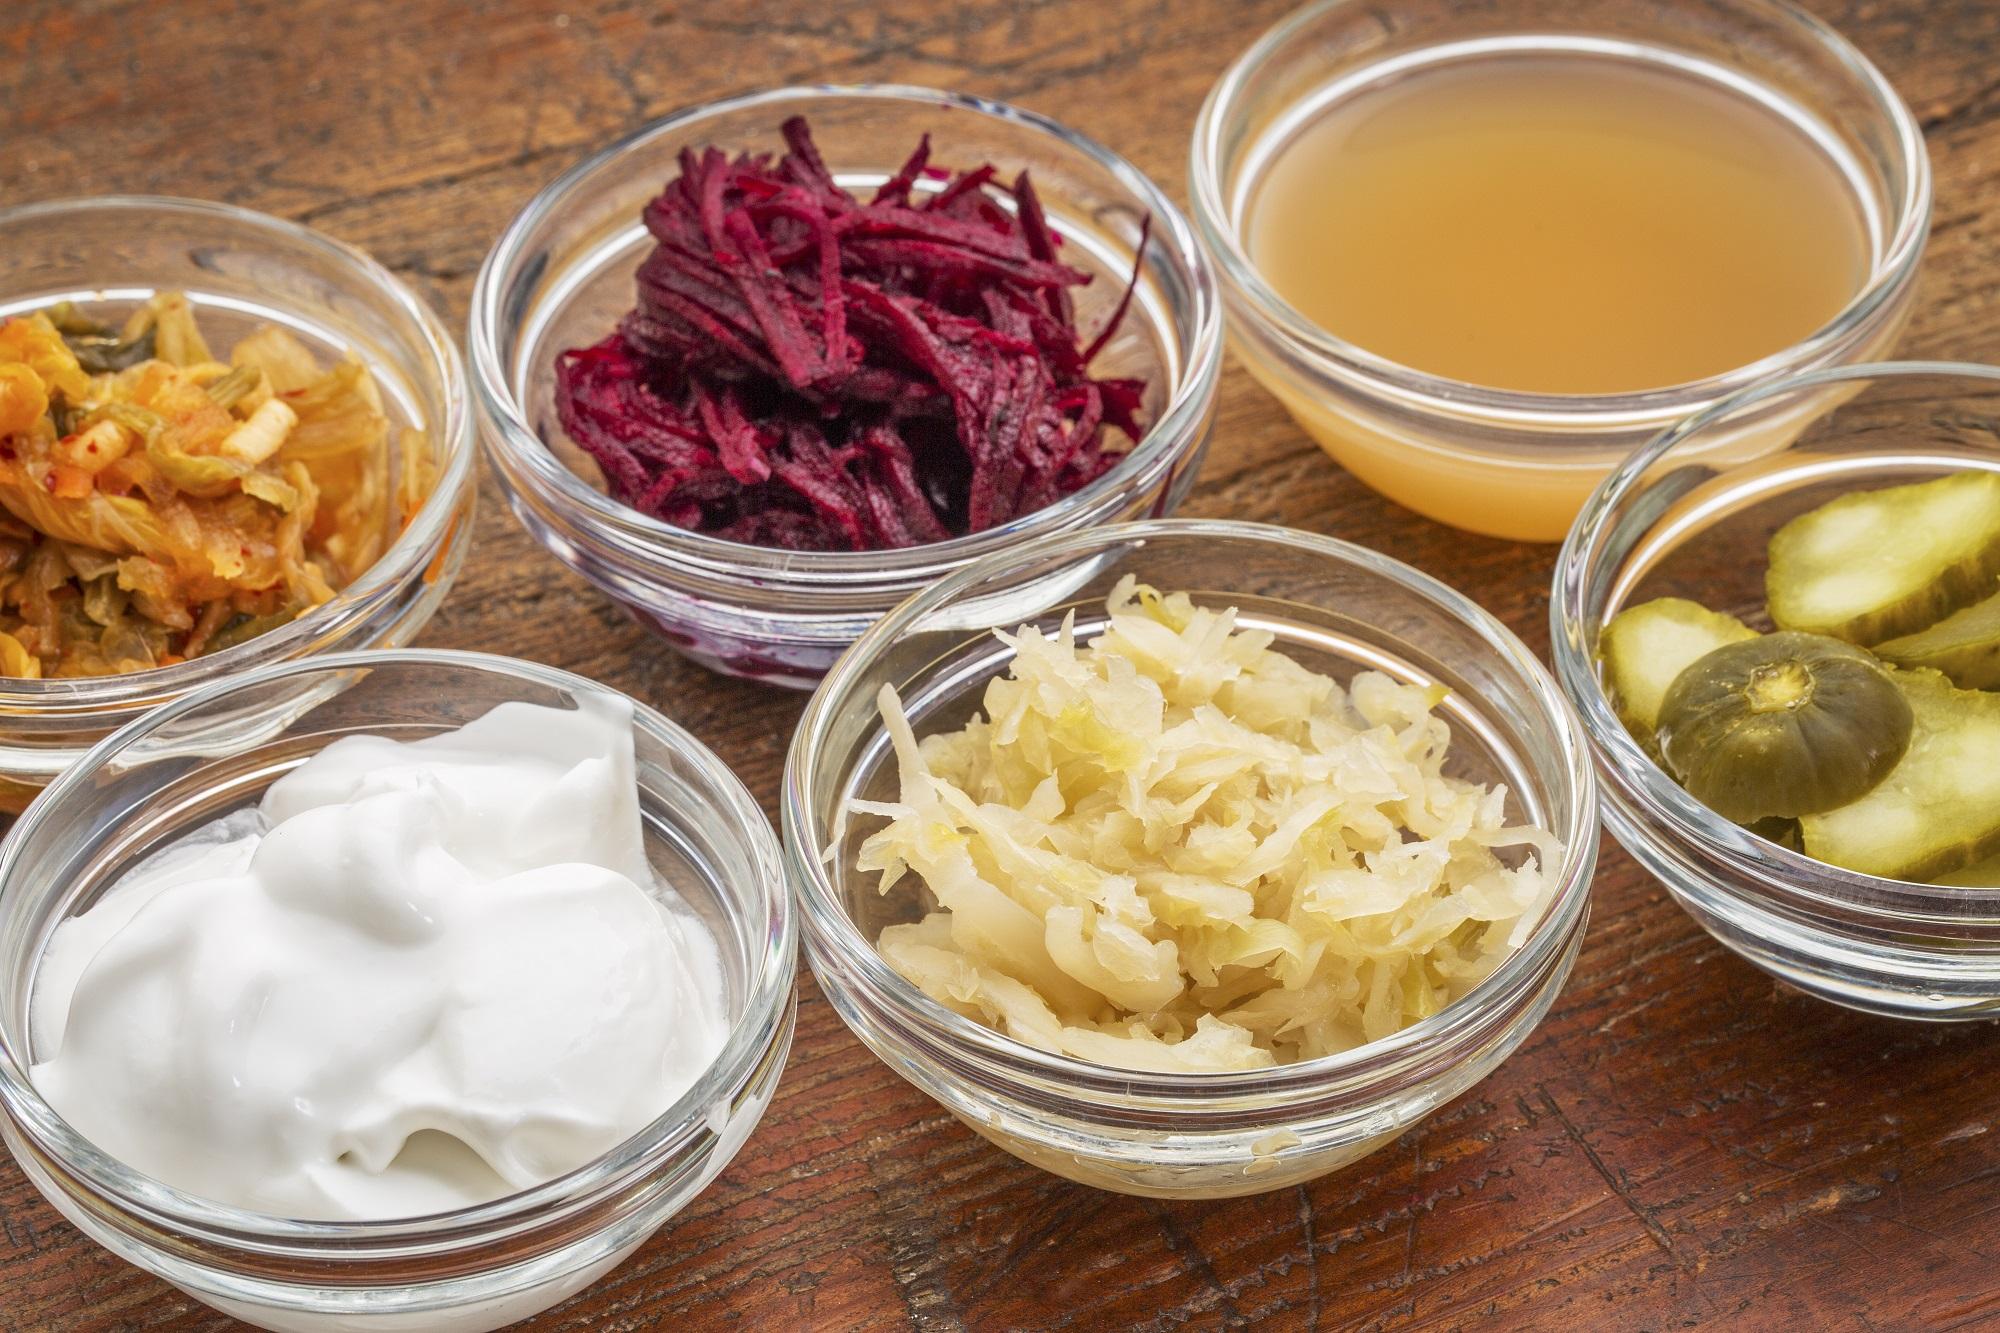 免疫力アップも期待できる発酵食品とは?種類や手軽に取り入れる方法も紹介